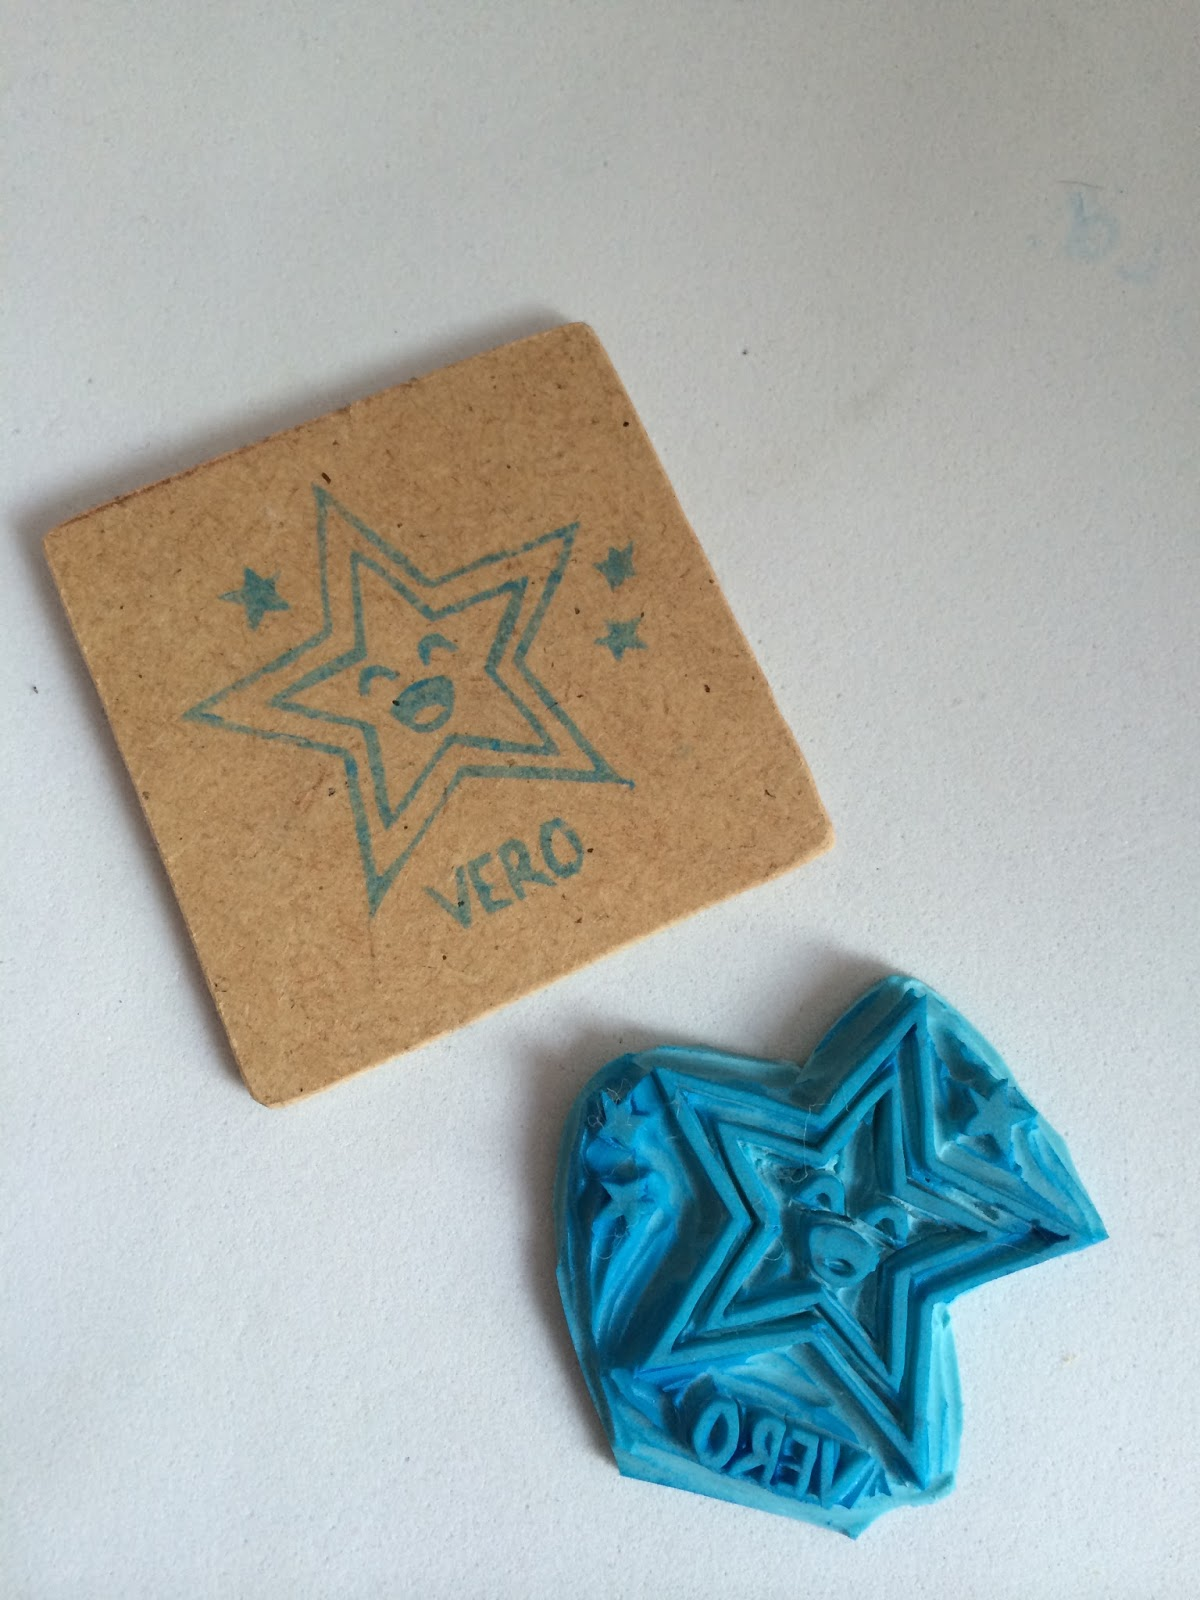 sello carvado a mano de una estrella con nombre personalizado